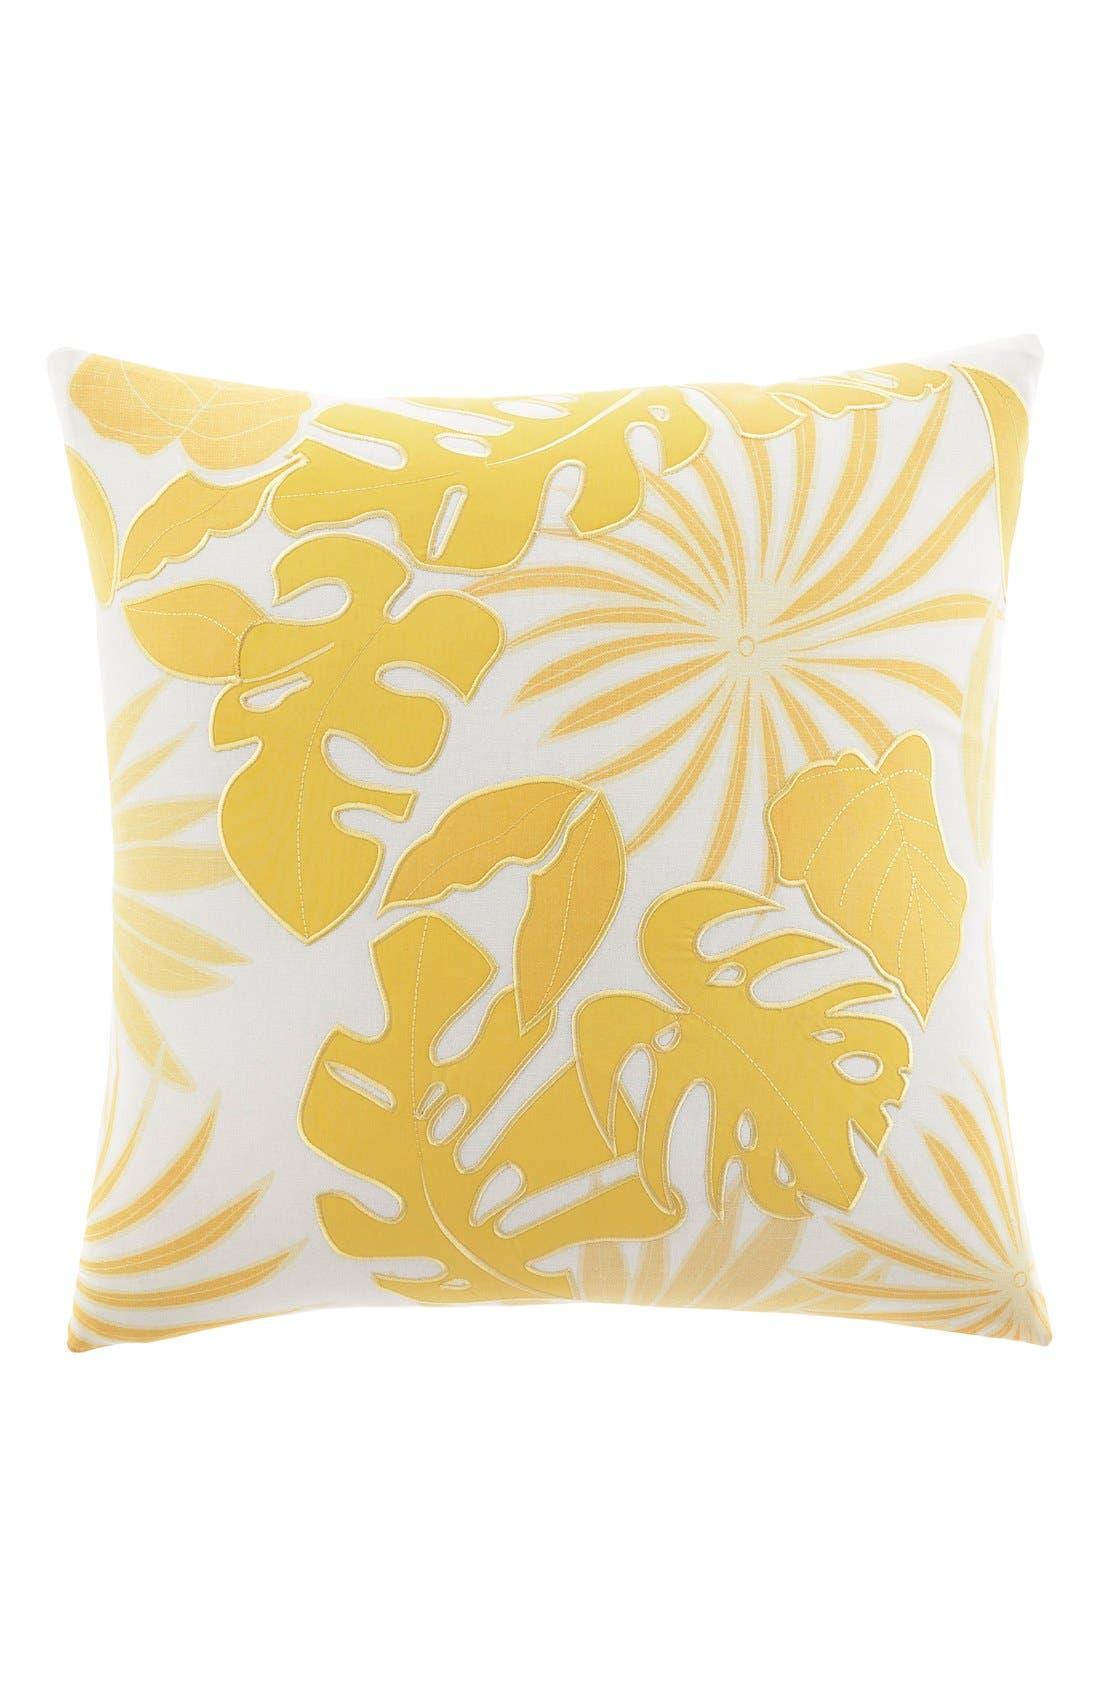 'Antique Palm' Accent Pillow,                             Main thumbnail 1, color,                             700